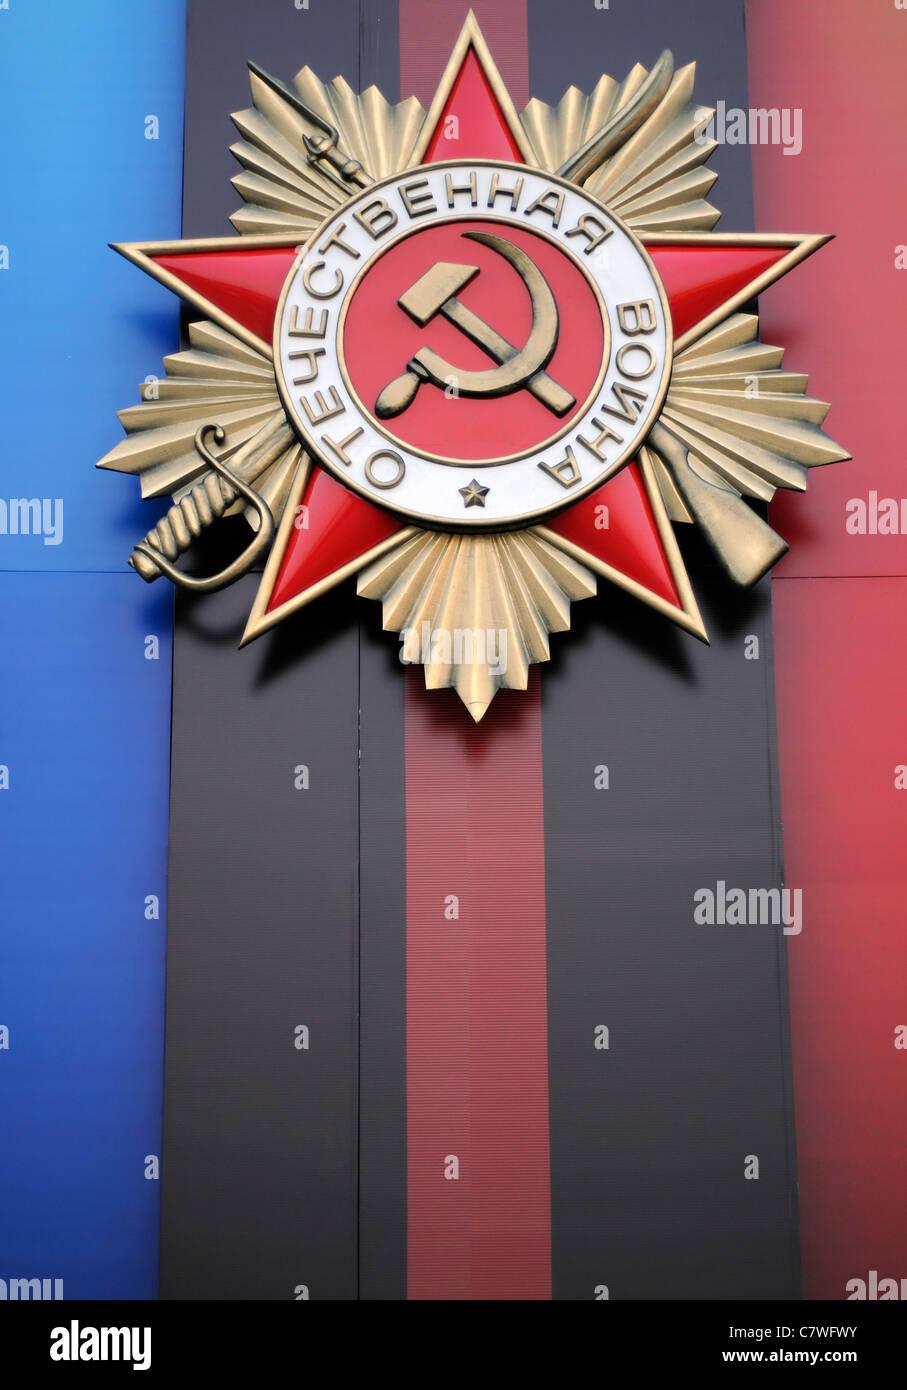 Russische Sickel und Hammer Symbol Symbolik Dekoration Tag Siegesfeier schmücken rote Platz Moskau Russland Stockbild